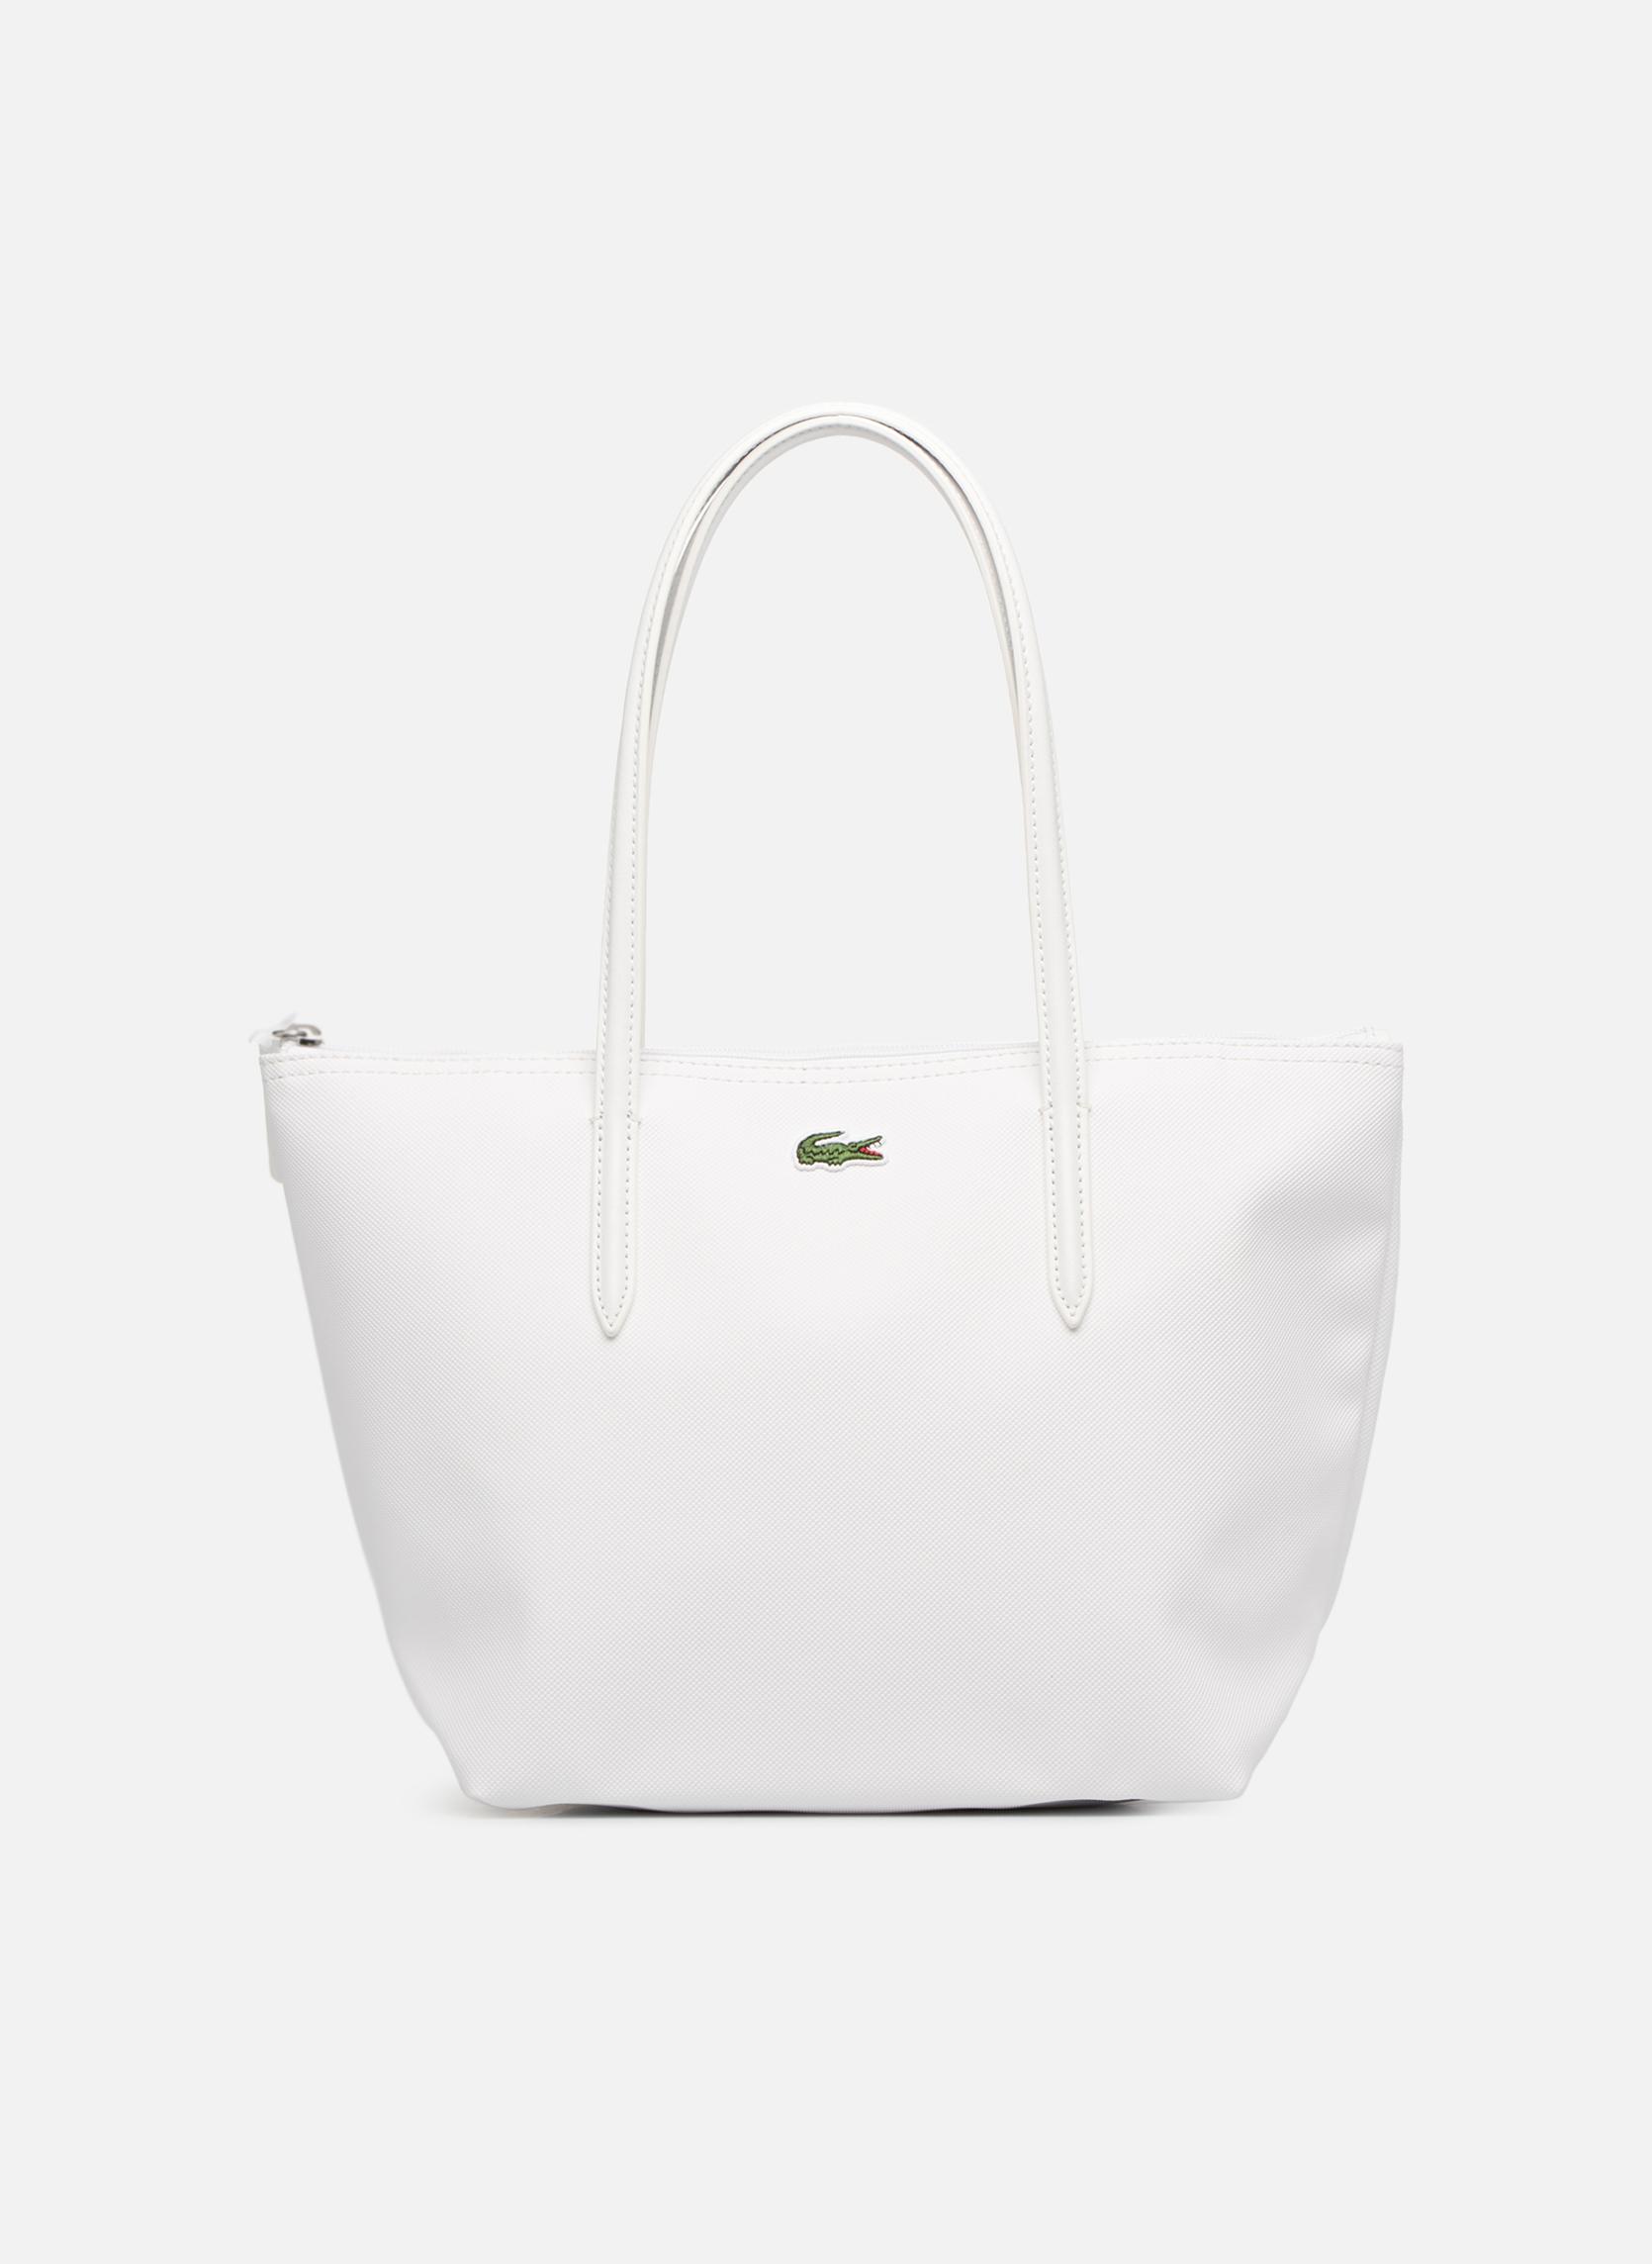 Bright white